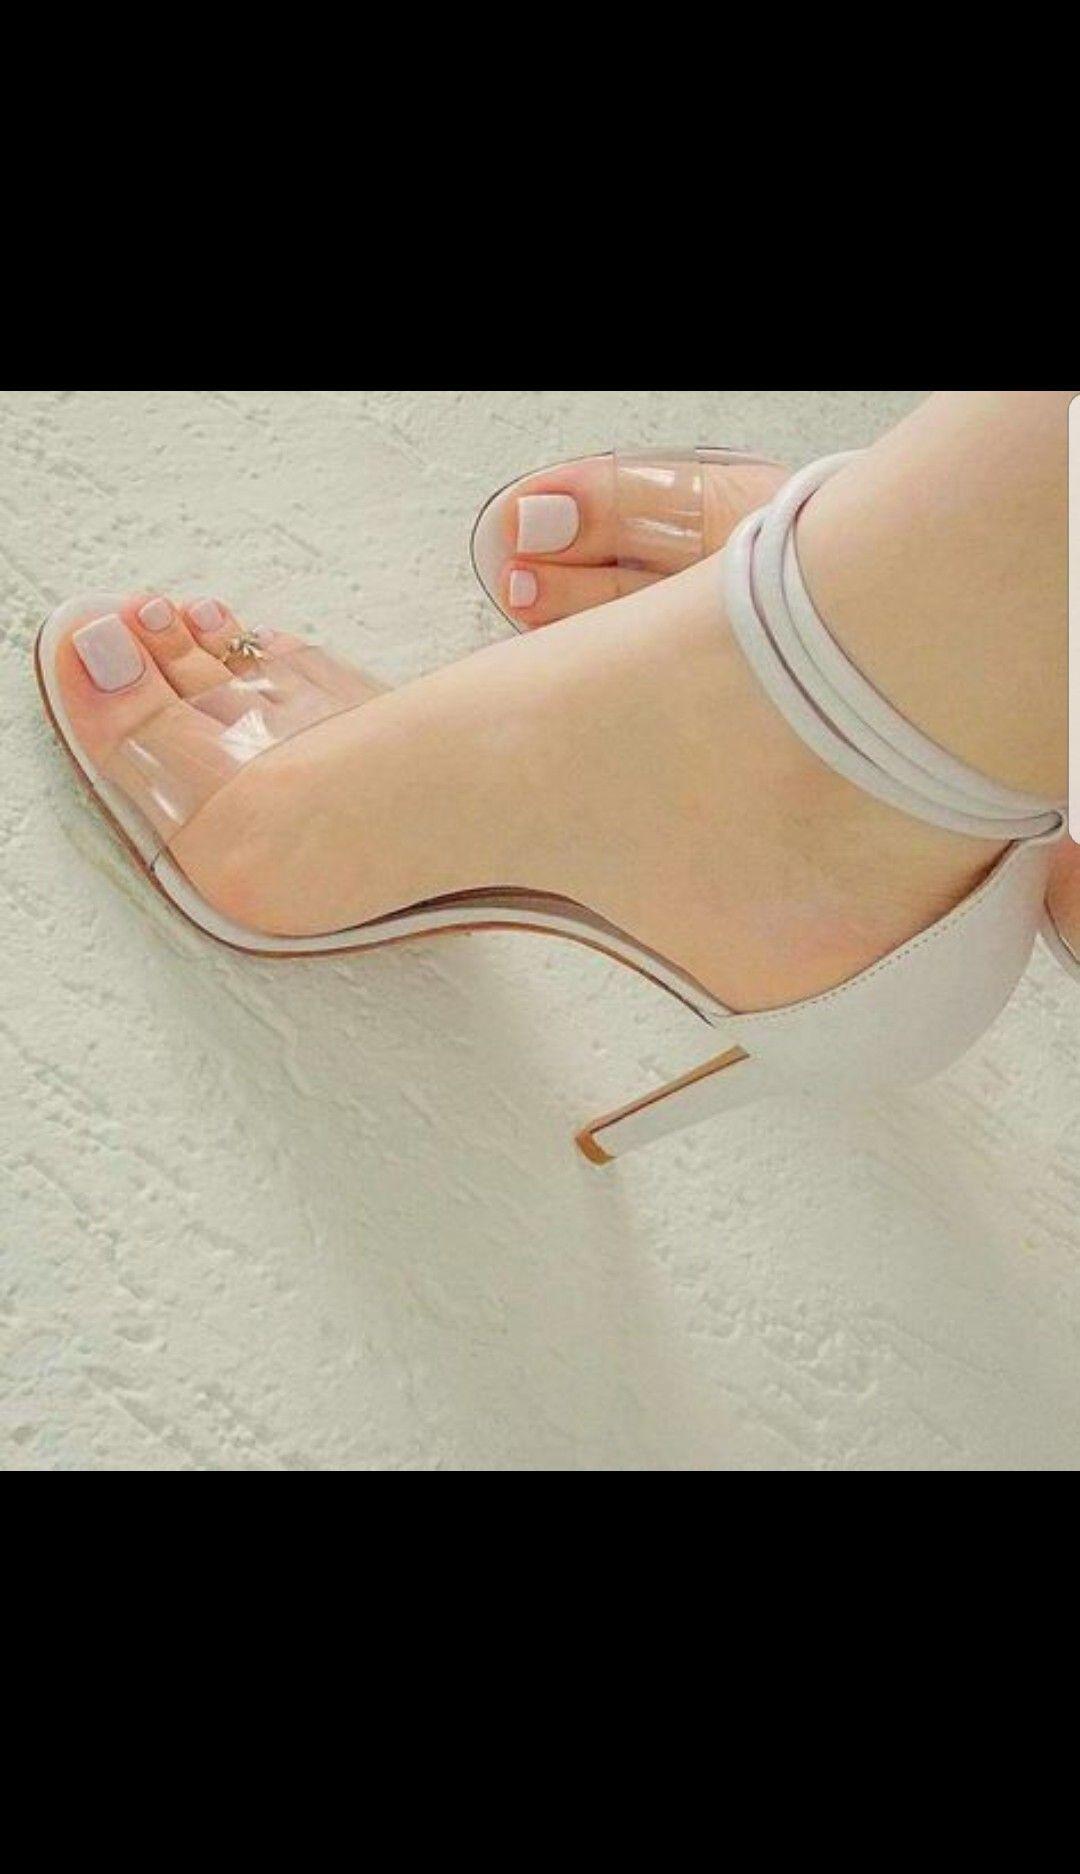 c heels p rose online women high siren comforter dance mirror gold stilettos sale comfortable